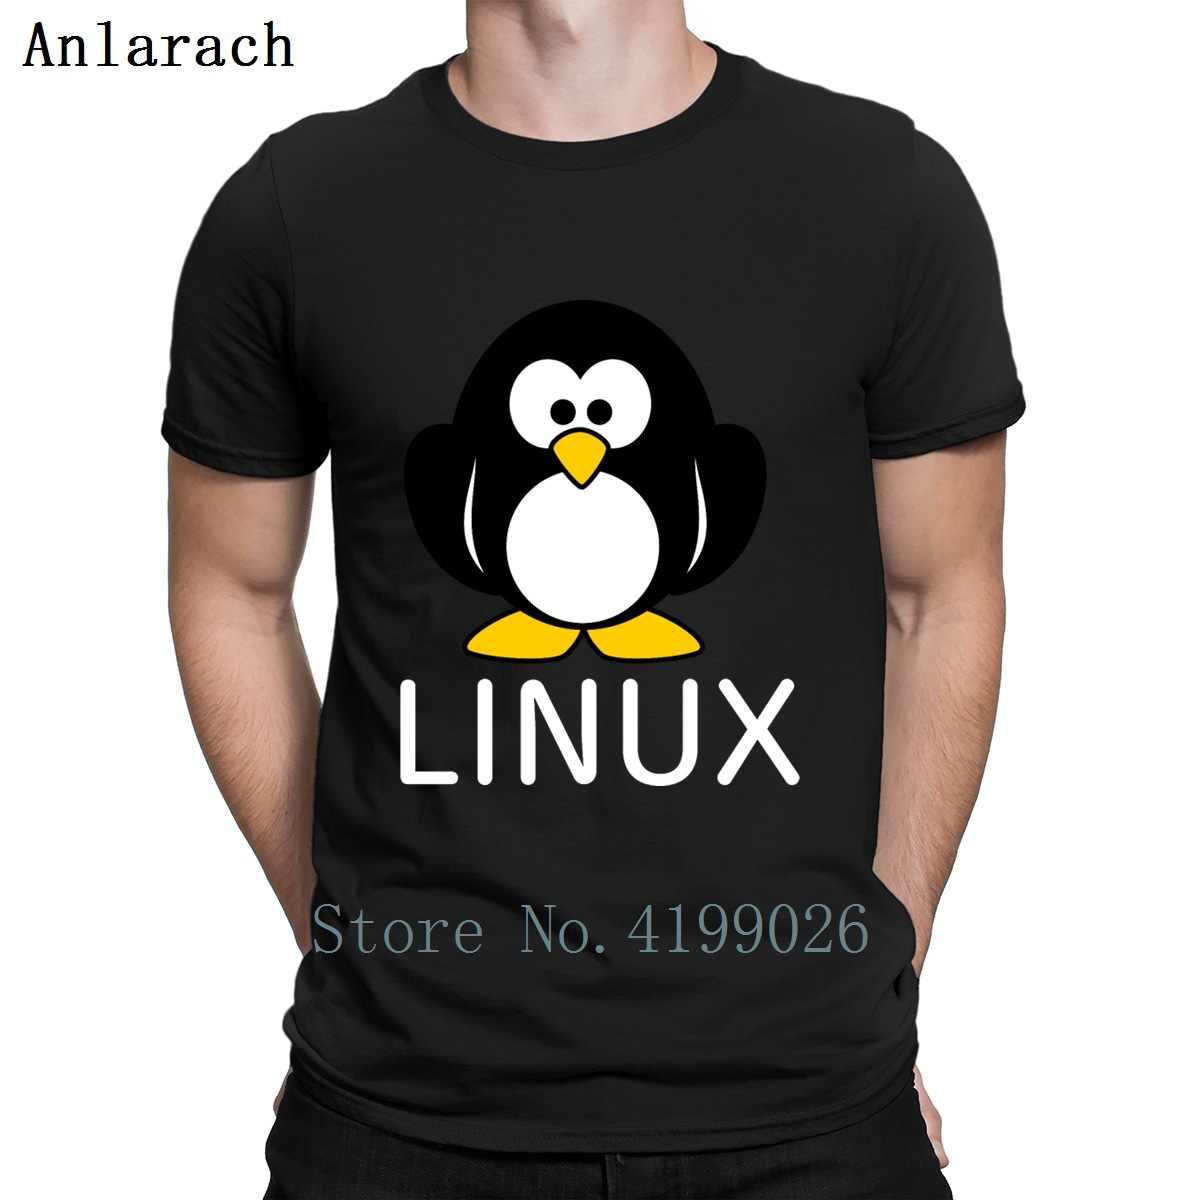 Linux pingouin t-shirt d'été Style décontracté Slogan Designer t-shirt hommes coton Fitness Normal t-shirt Pop Top t-shirt urbain